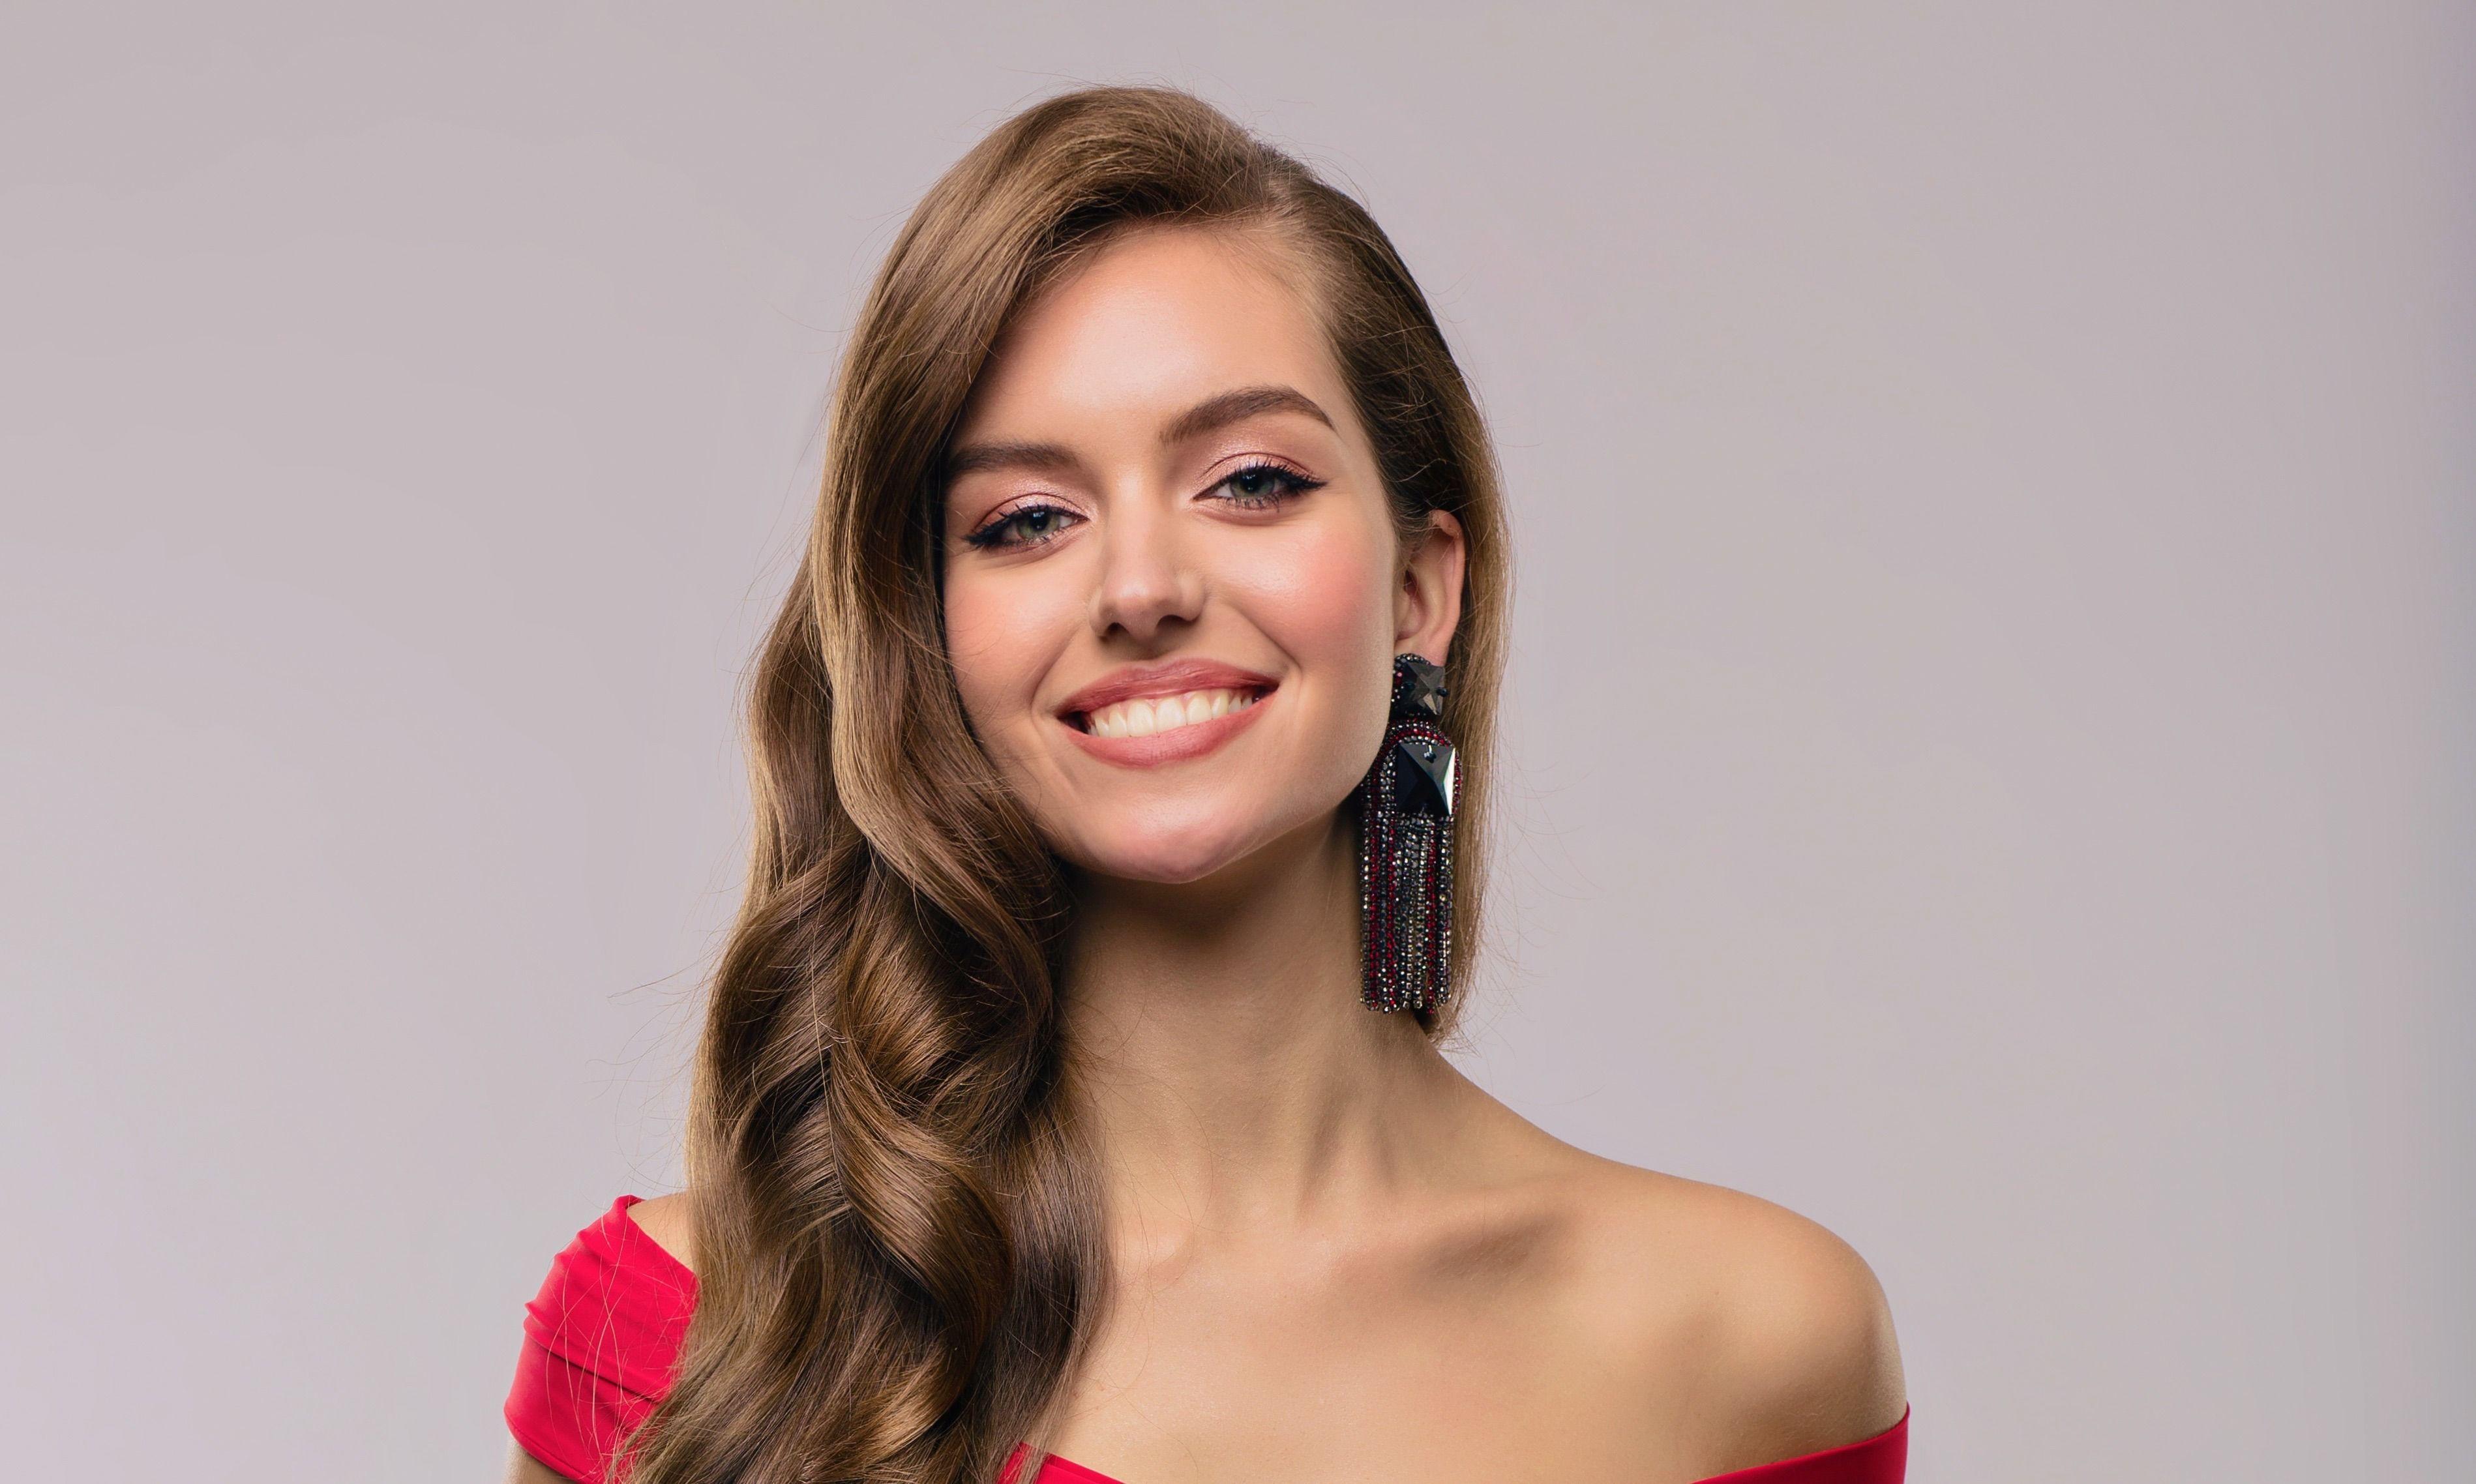 Олександра Кучеренко стала новою ведучою «Ранку у великому місті»